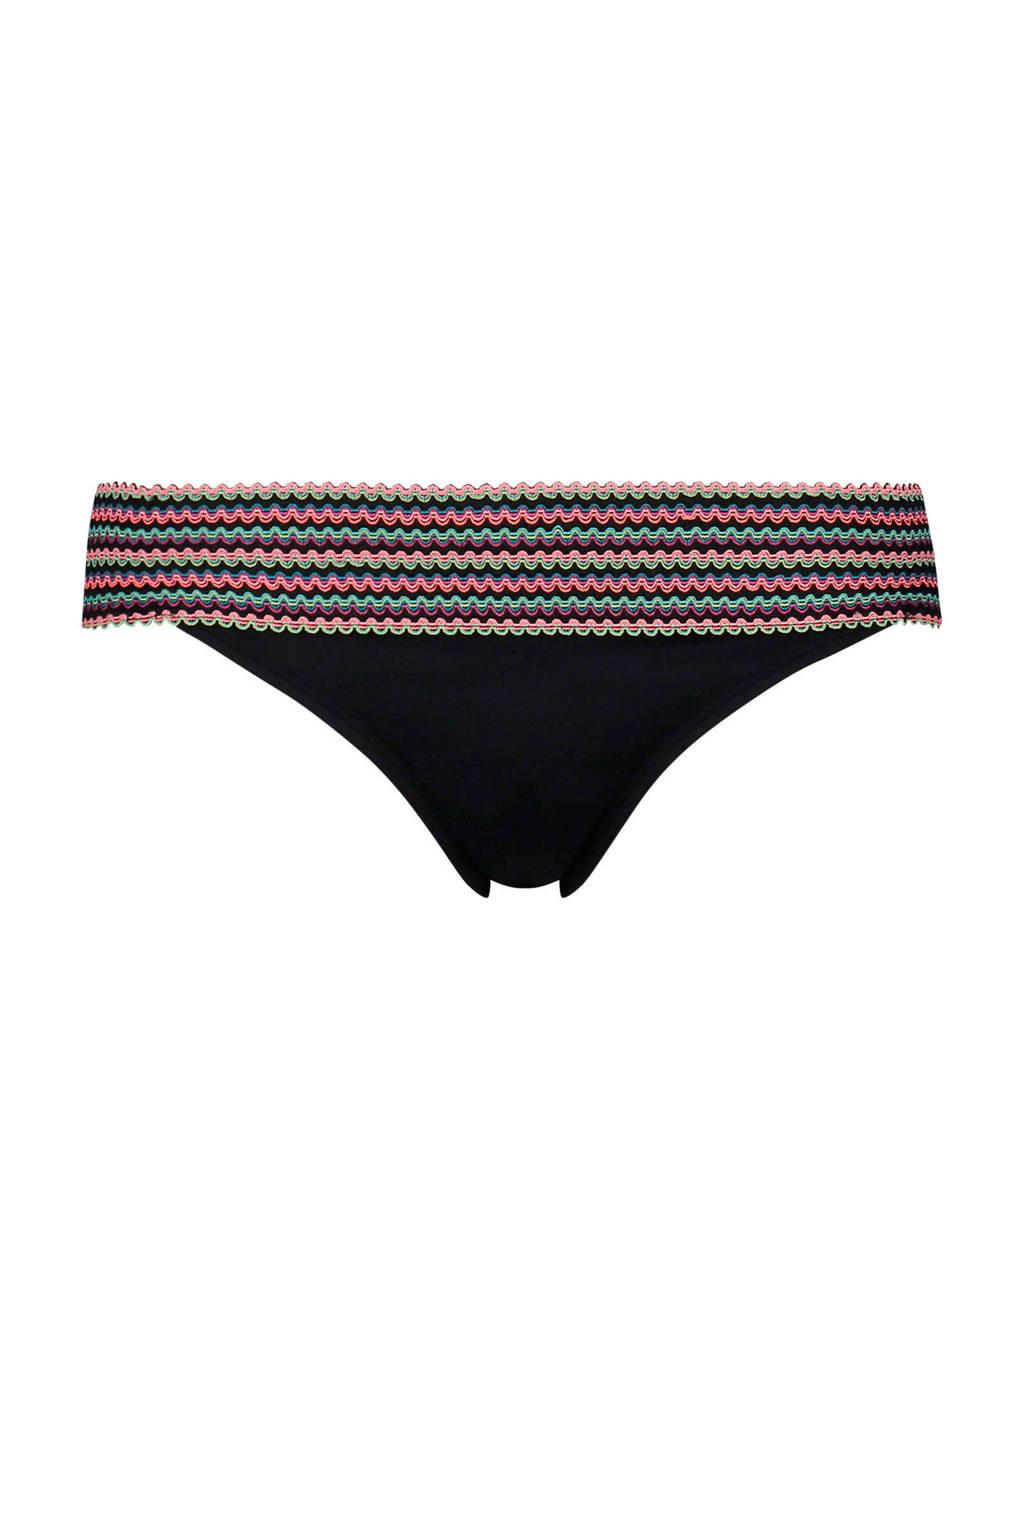 Hunkemöller Cheeky bikinibroekje Paradise zwart, Zwart